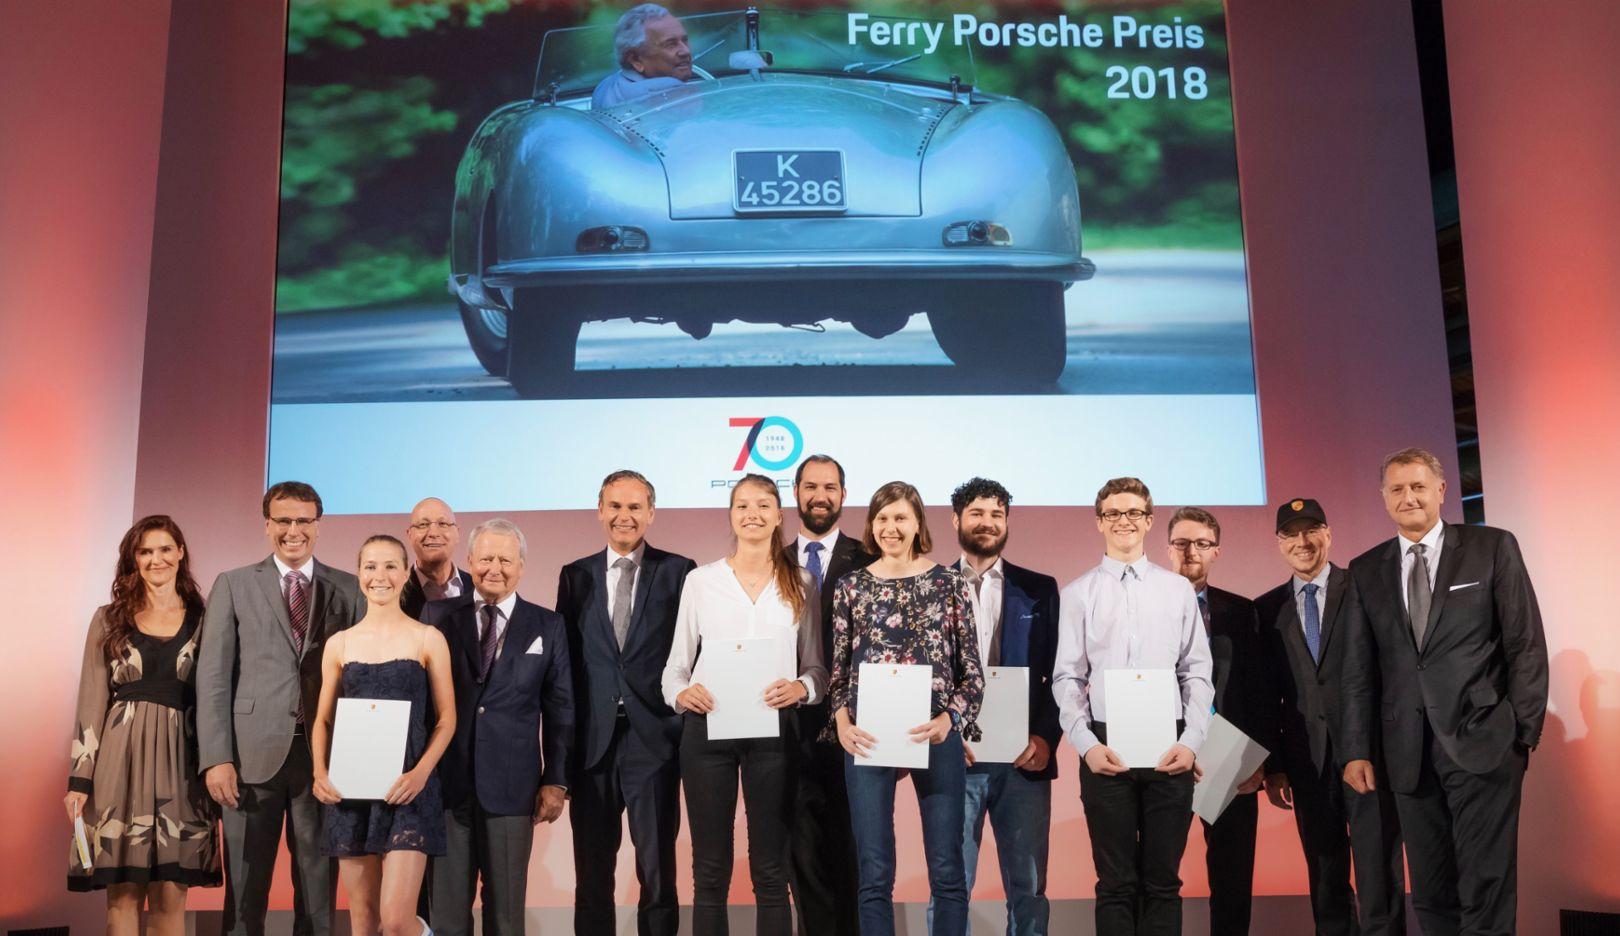 Ferry-Porsche-Preisträger 2018